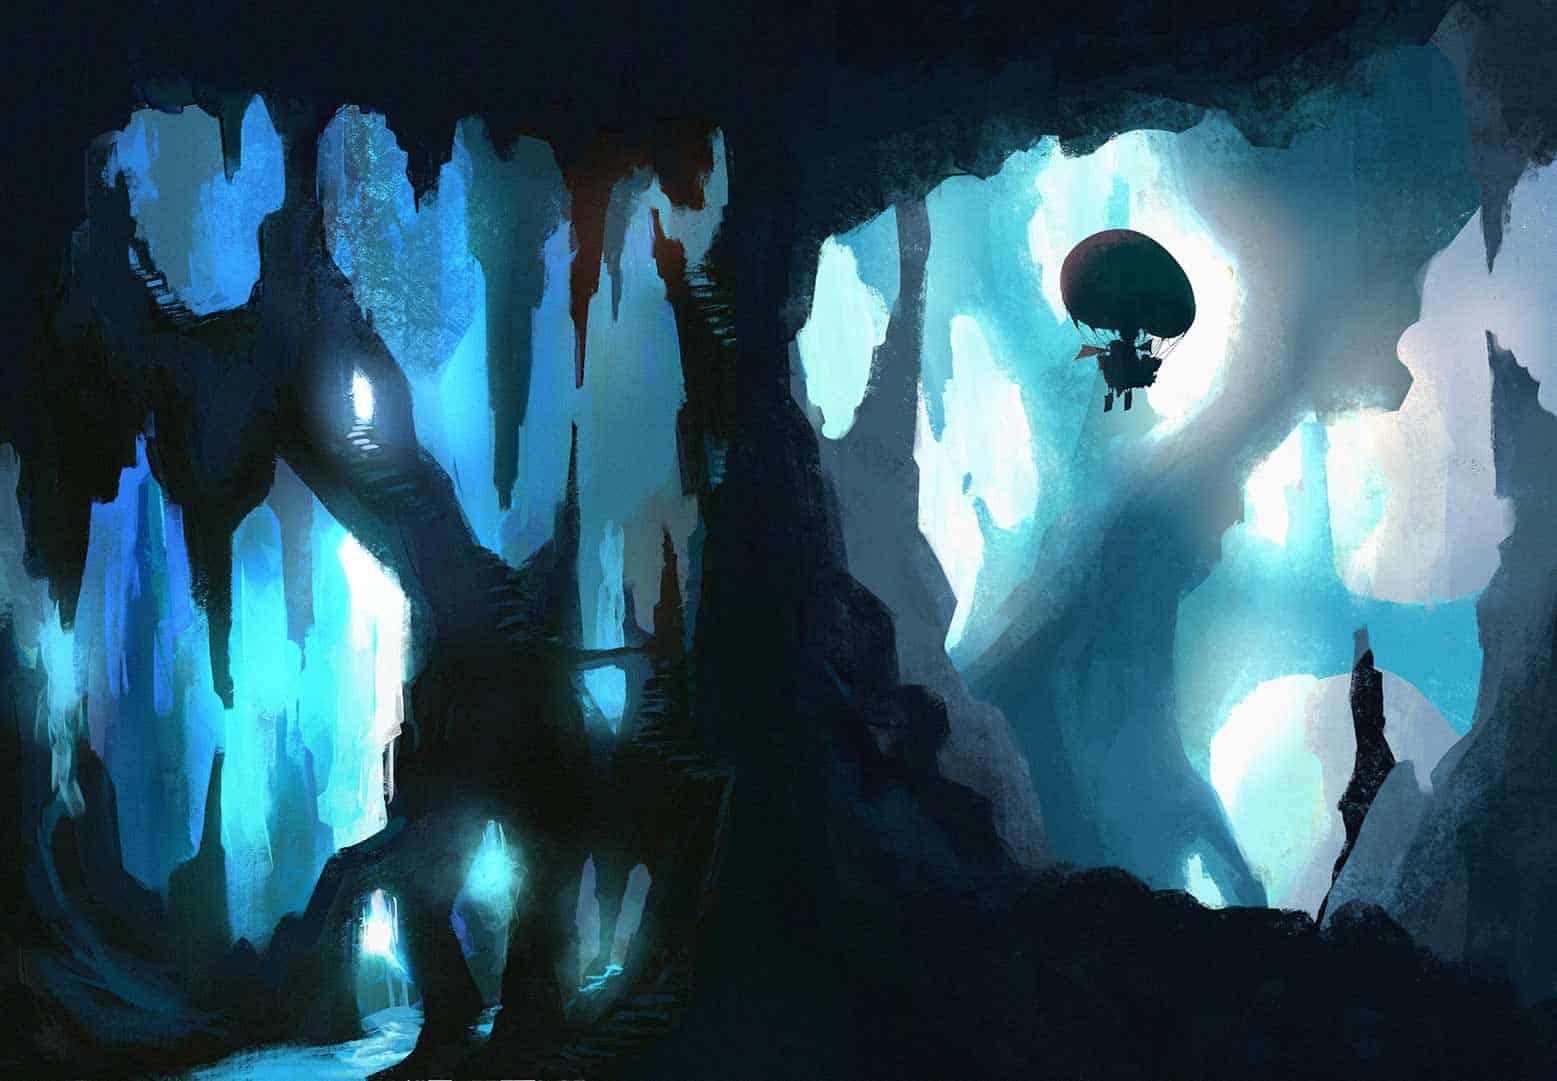 illustrazione delle grotte scavate dai nani in cui vola un mezzo volante